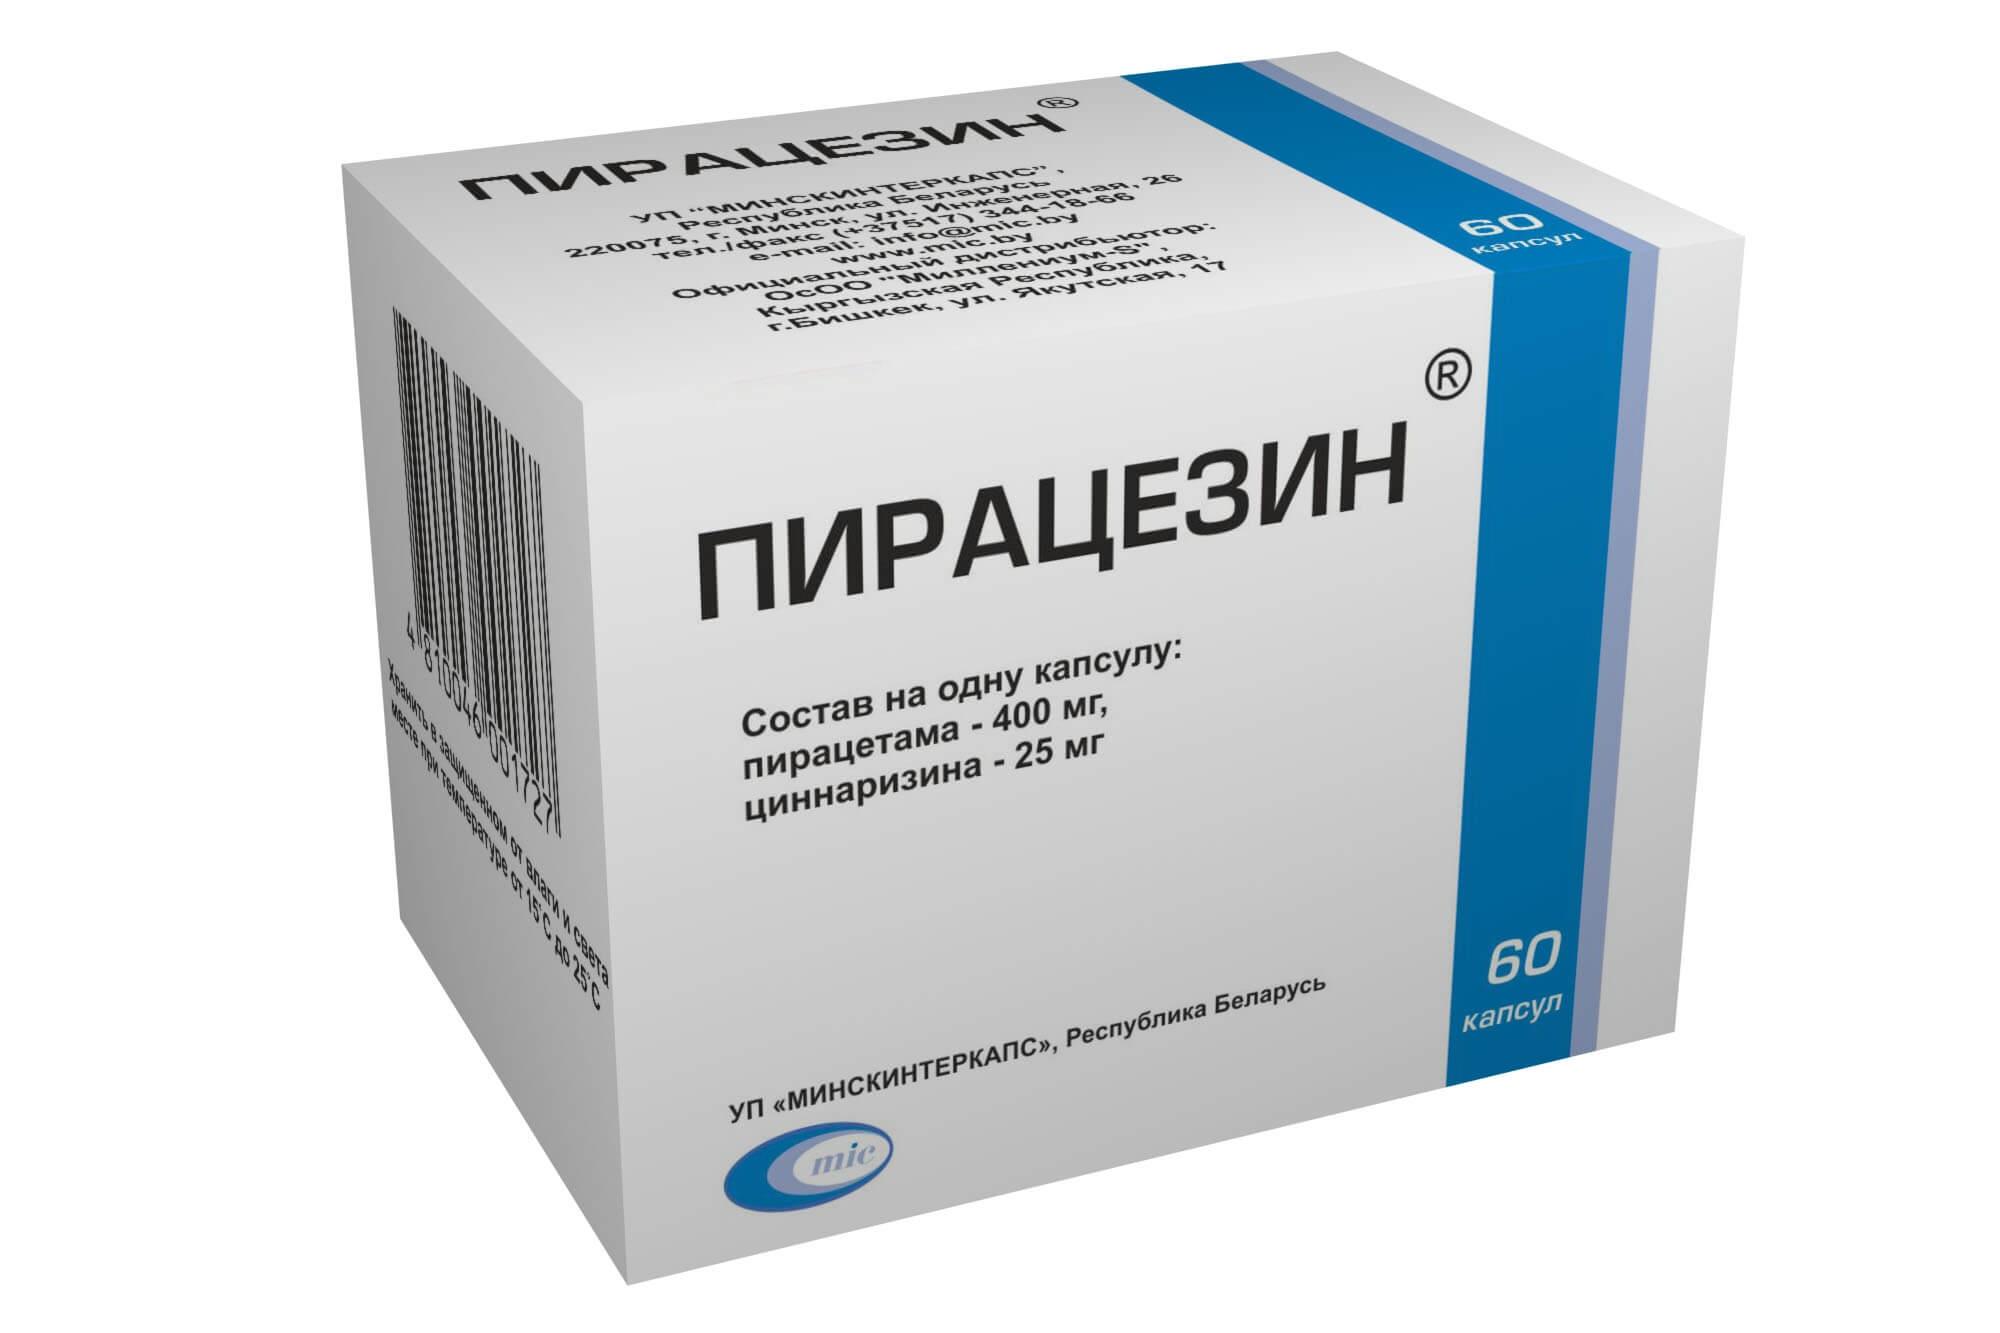 Пирацезин: инструкция по применению капсул